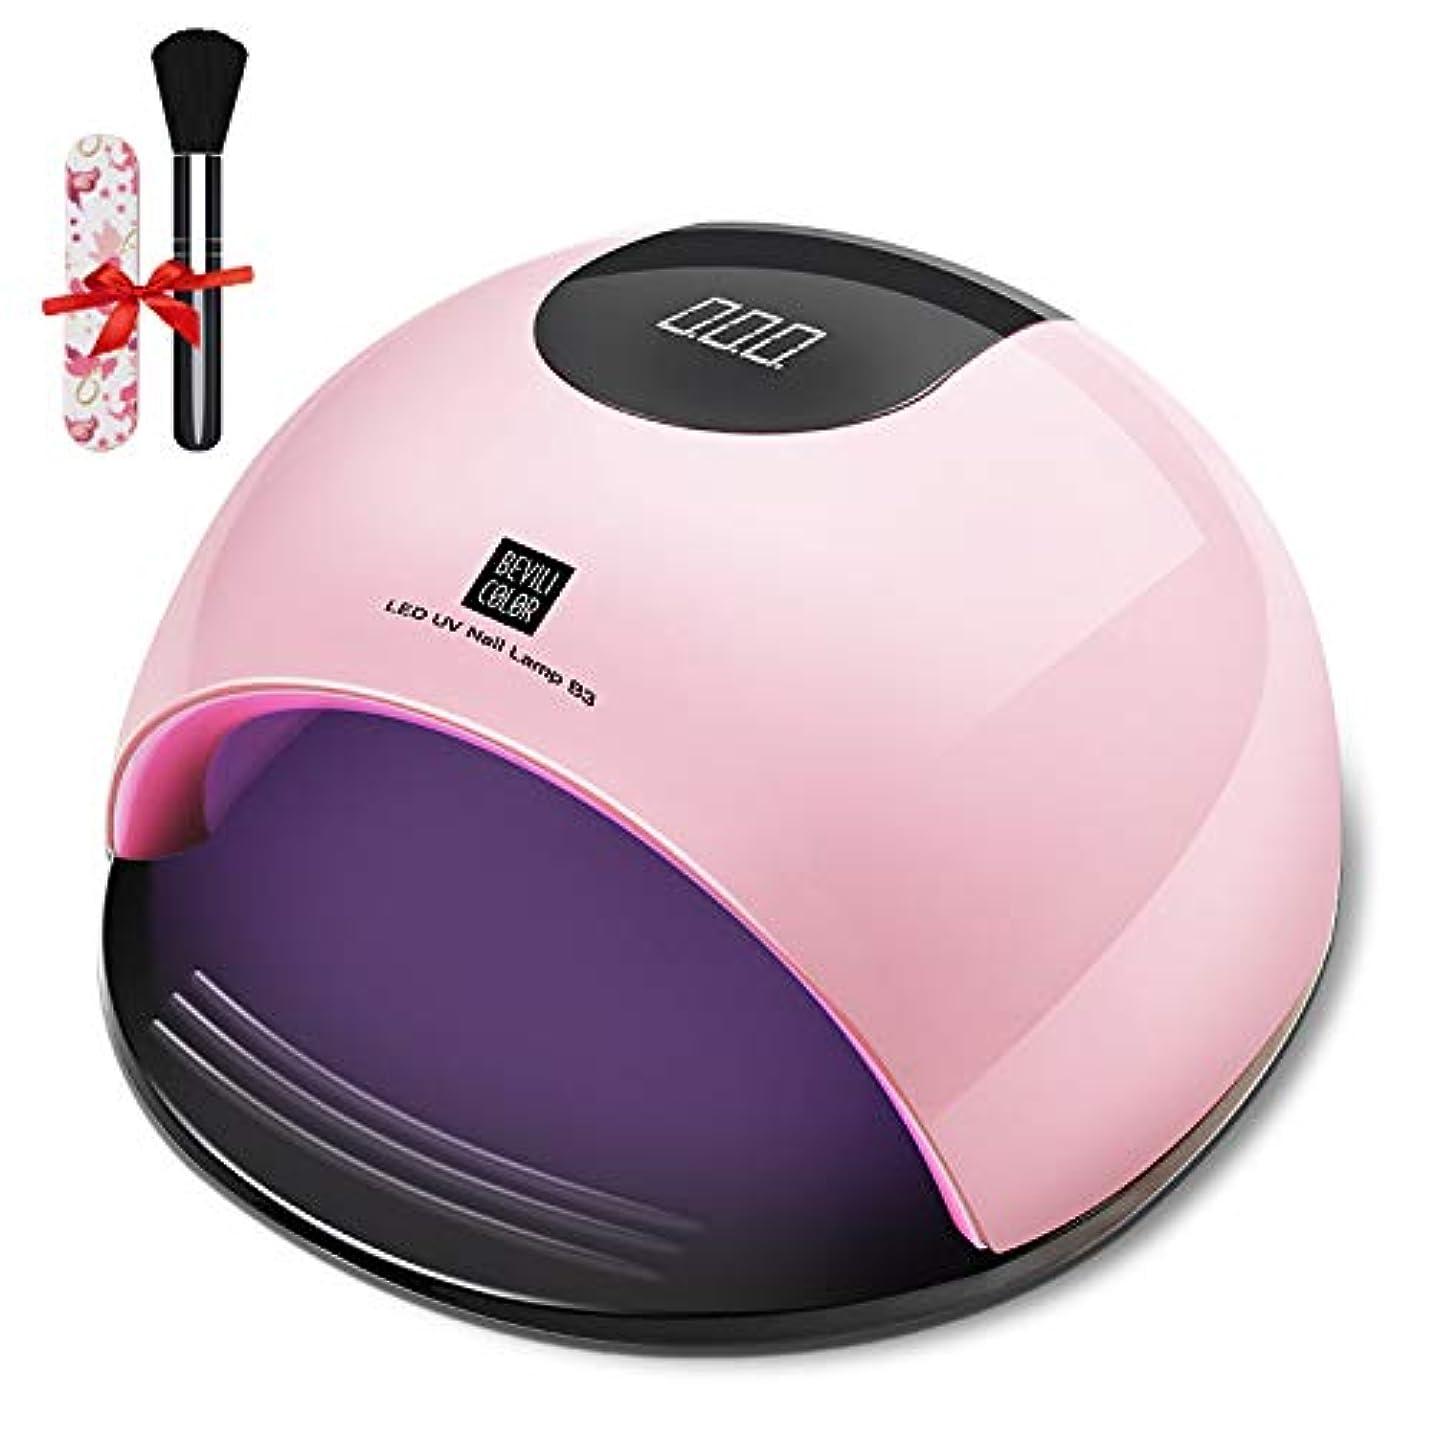 小数シュリンクスタイルジェルネイル ライトレジン uvライトネイルドライヤー ハンドフット両用 ネイル led ライト80W ハイパワー ジェルネイルライト 肌をケア センサータイマー付き (Pink)